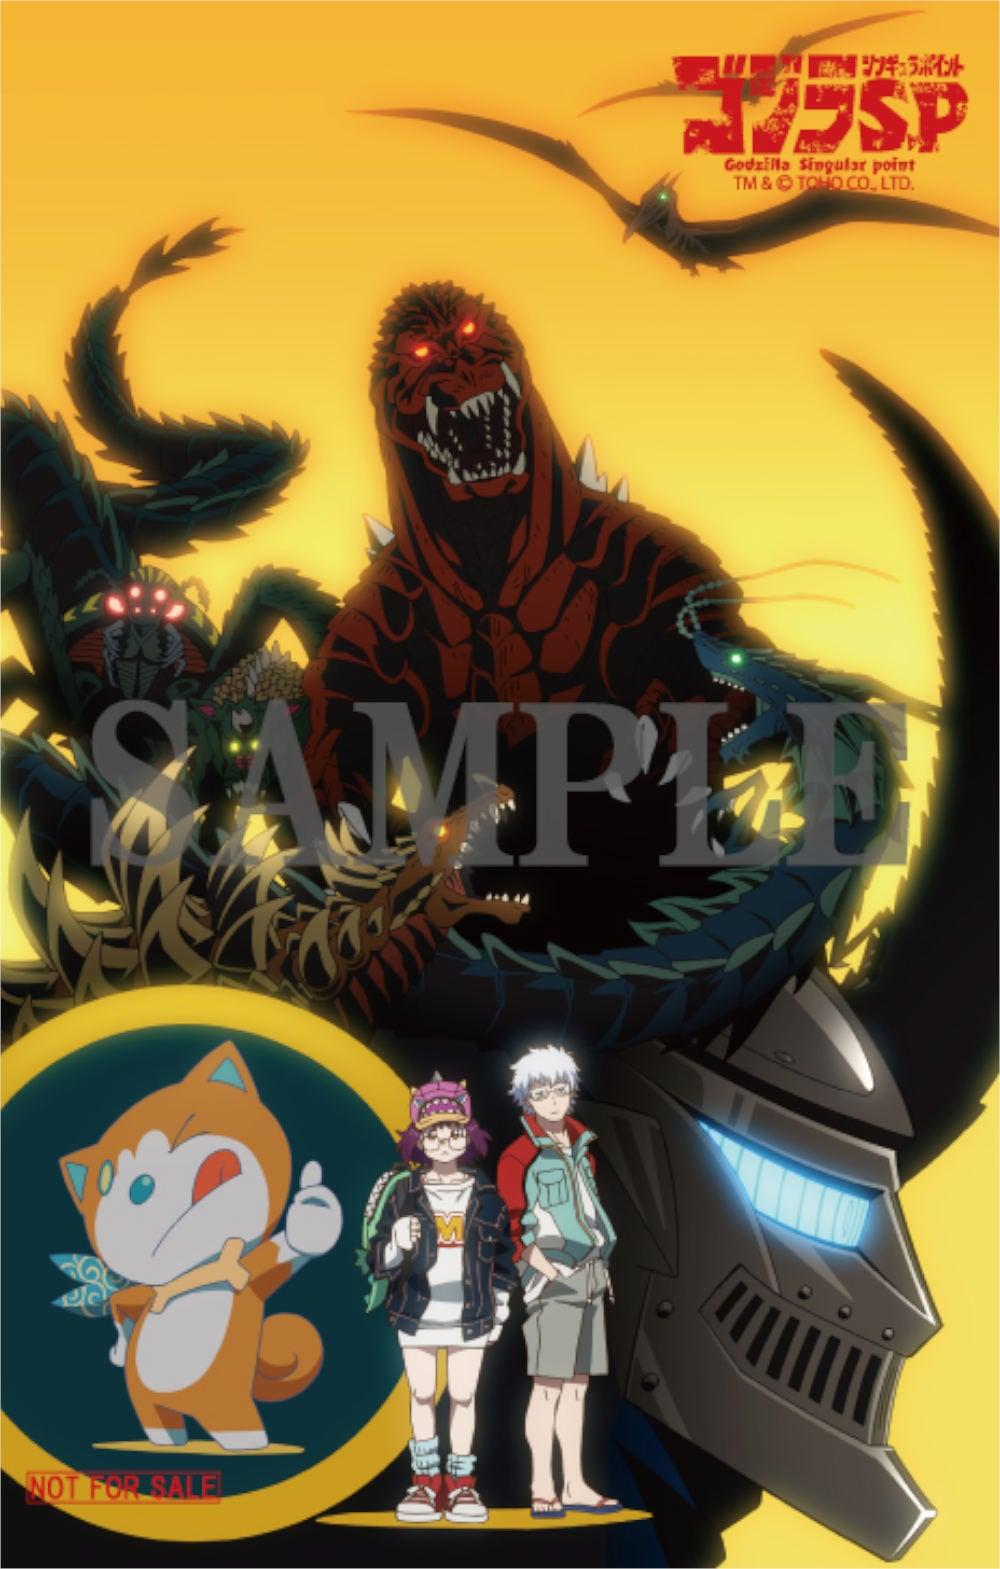 ゴジラ S.P <シンギュラポイント> Vol.1 Blu-ray 完全数量限定版